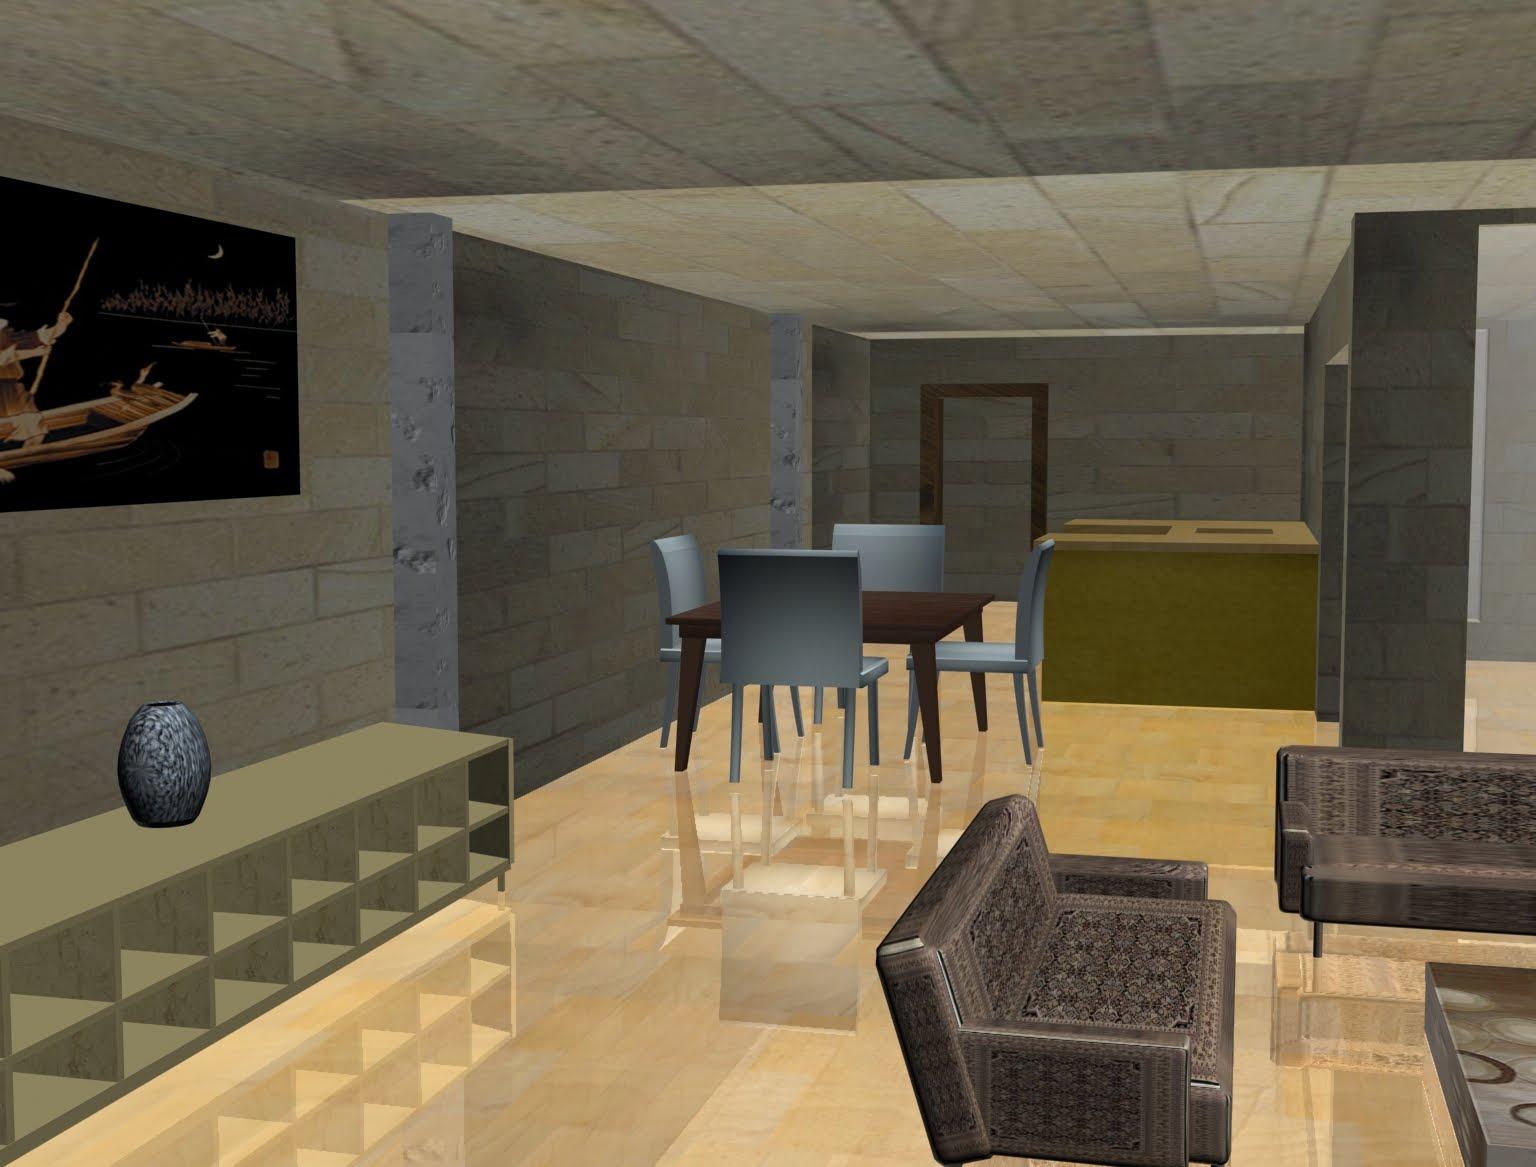 3d magic interior design in max for Max interior